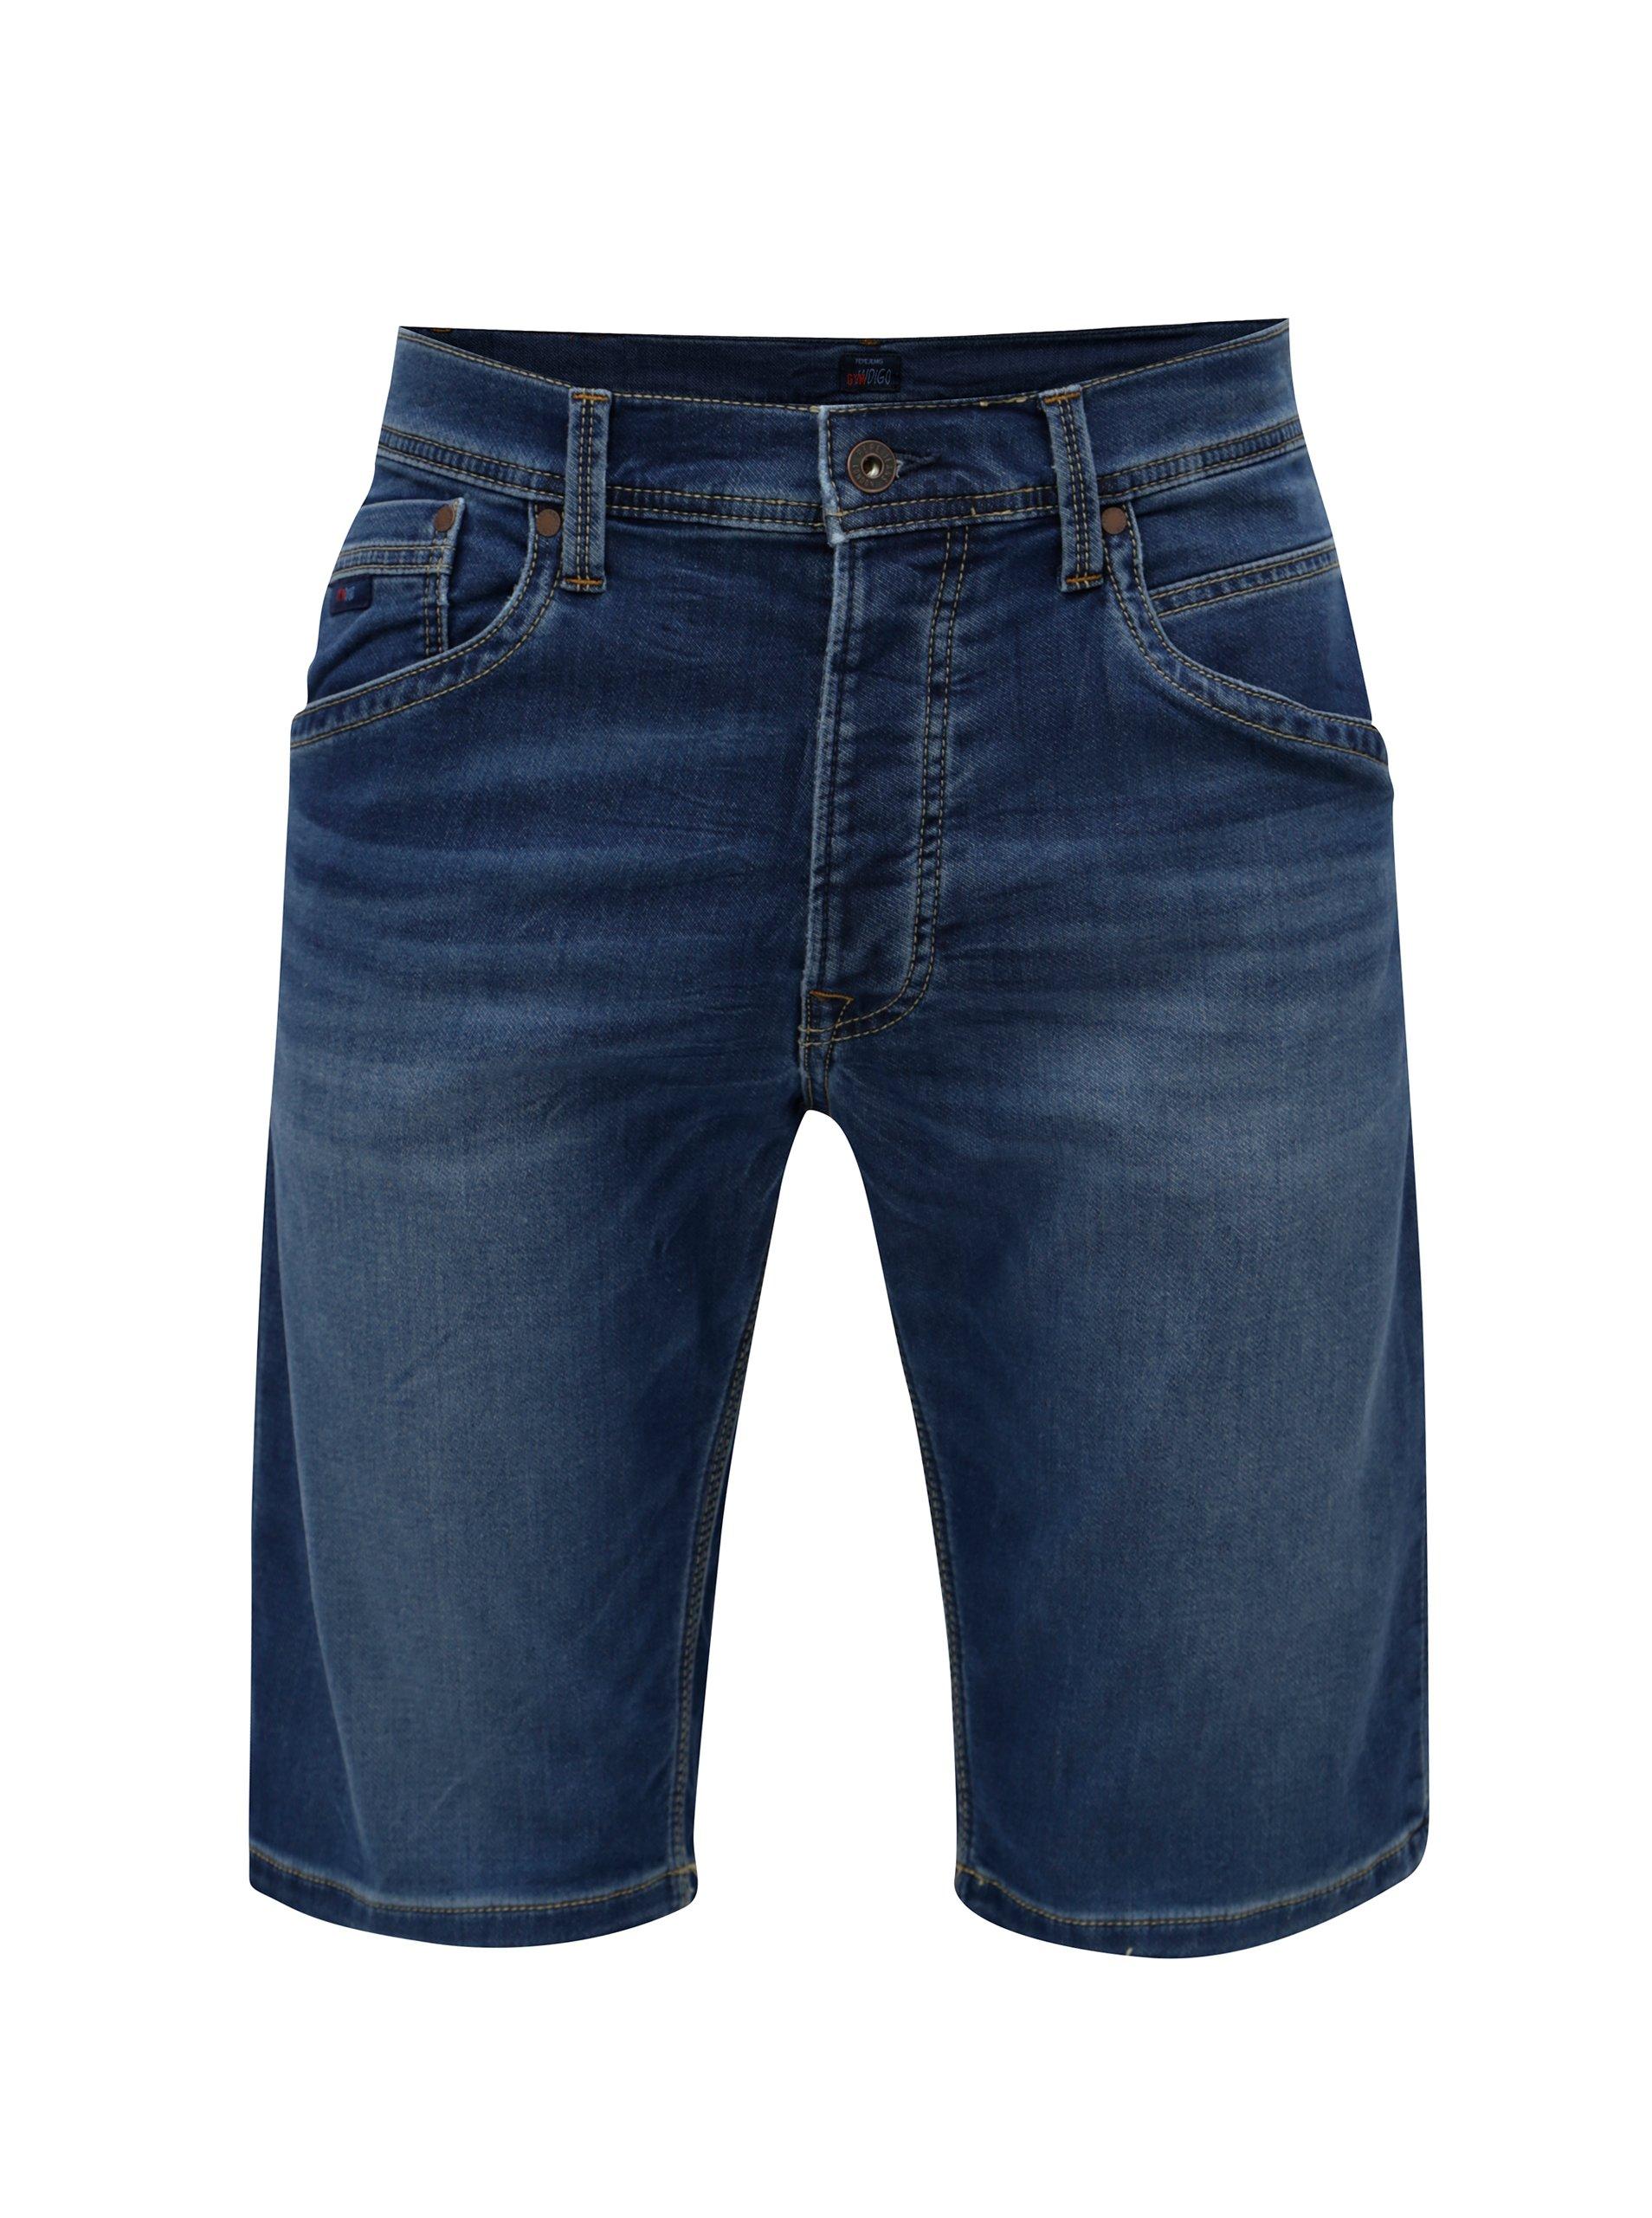 08414812212 Modré pánské džínové regular kraťasy Pepe Jeans Track short